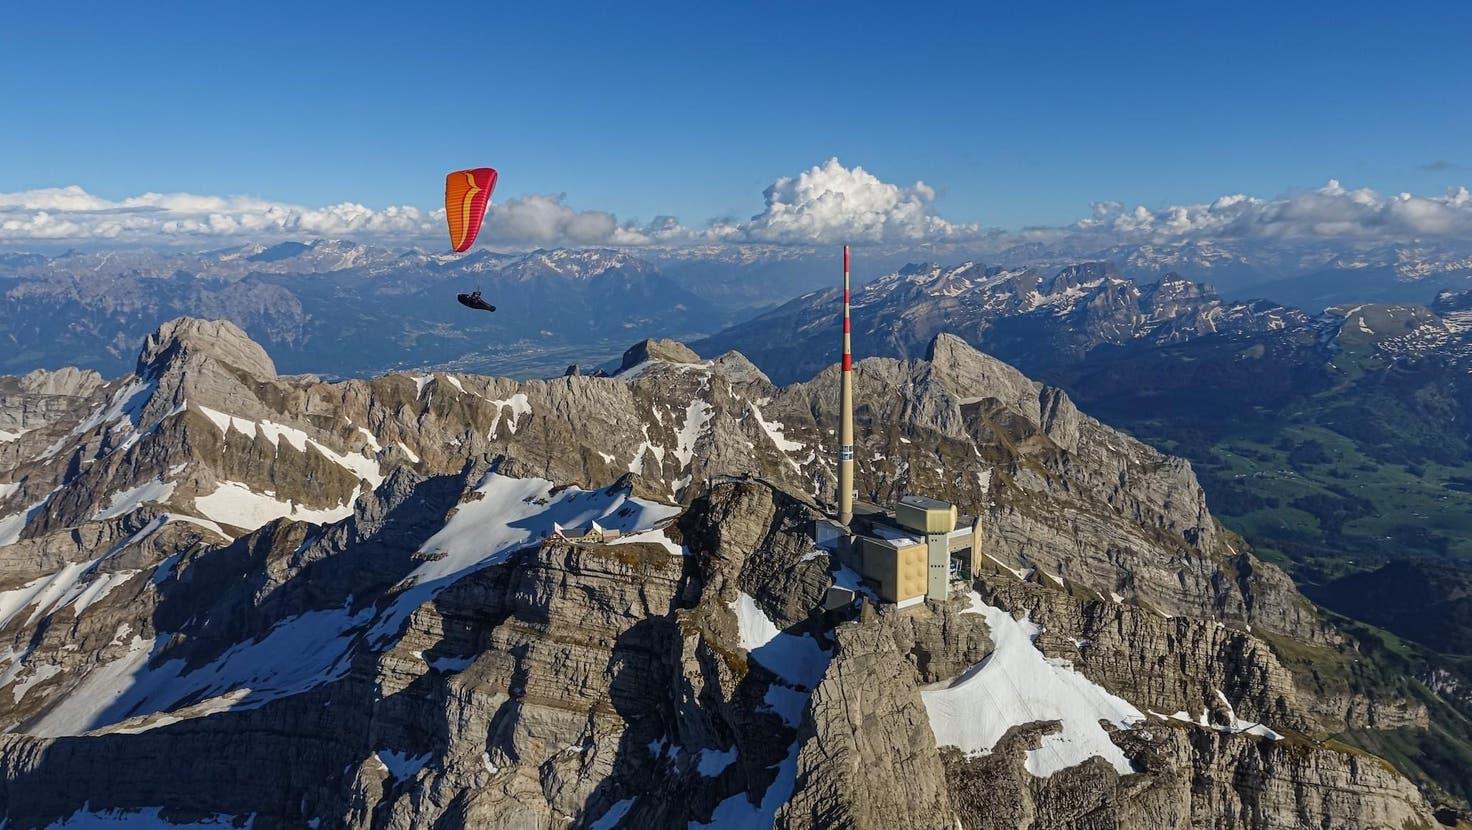 Der nördlich vorgelagerte, gut erschlossene Alpstein ist eines der am stärksten von Gleitschirmpiloten beflogenen Gebiete der Schweiz: der Säntis einer der attraktivsten Anziehungspunkte. (Bild: Marco Vergari)